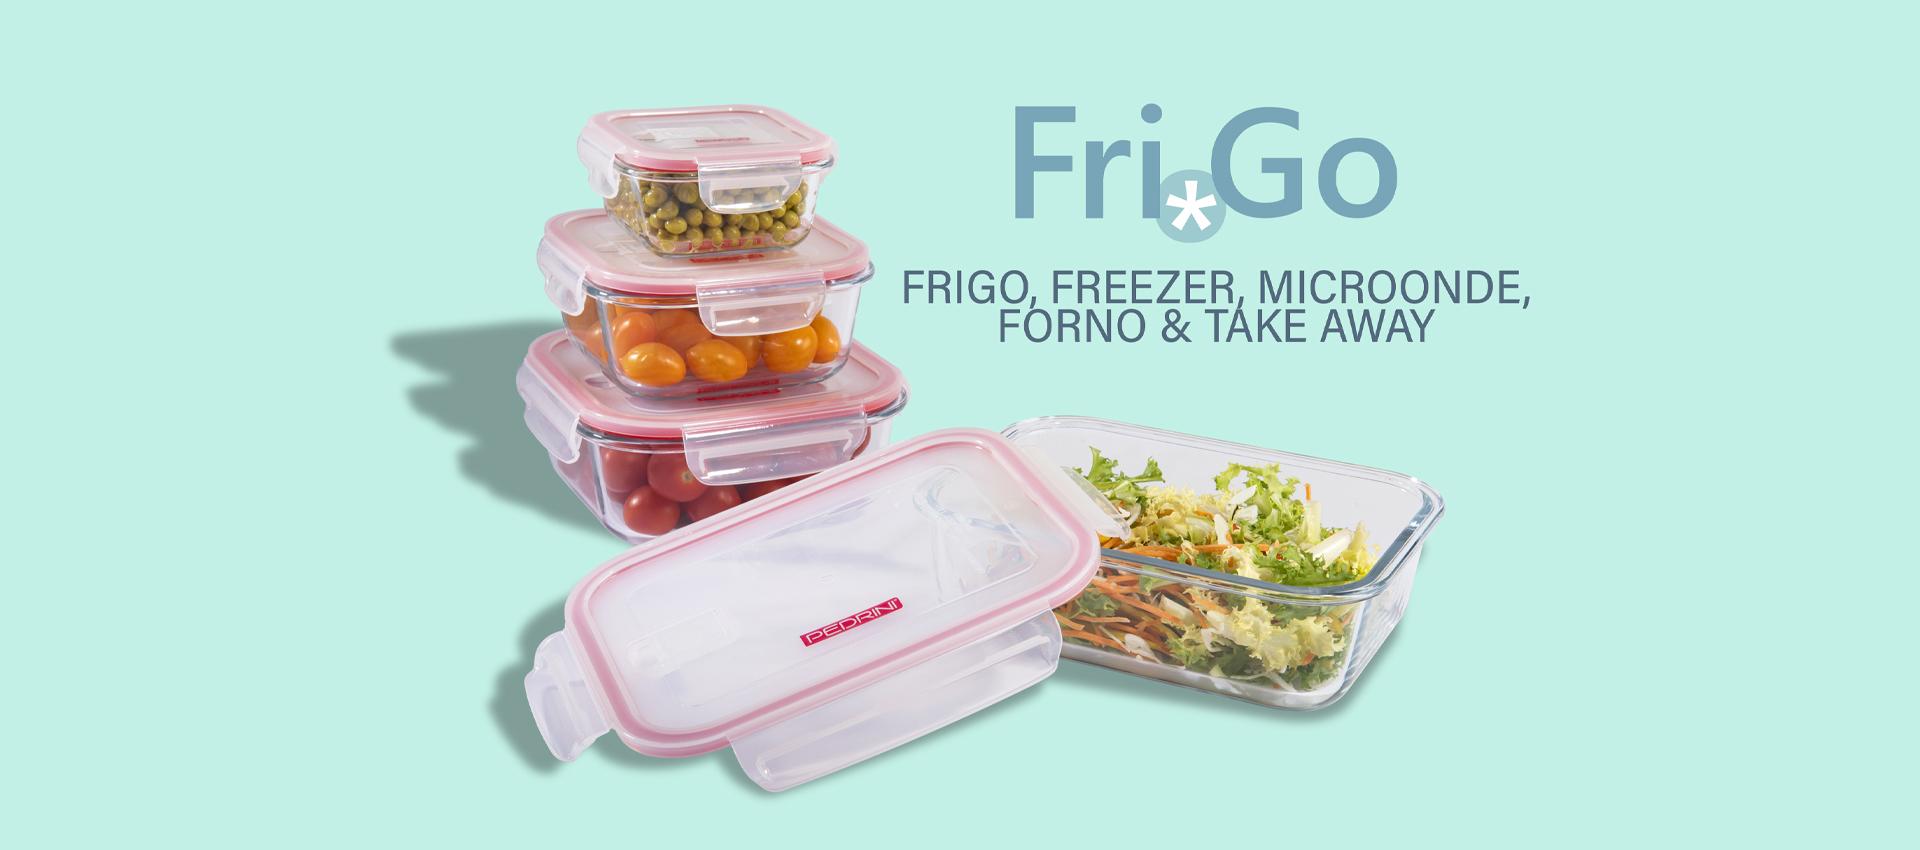 pedrini-prodotti-contenitori-frigo